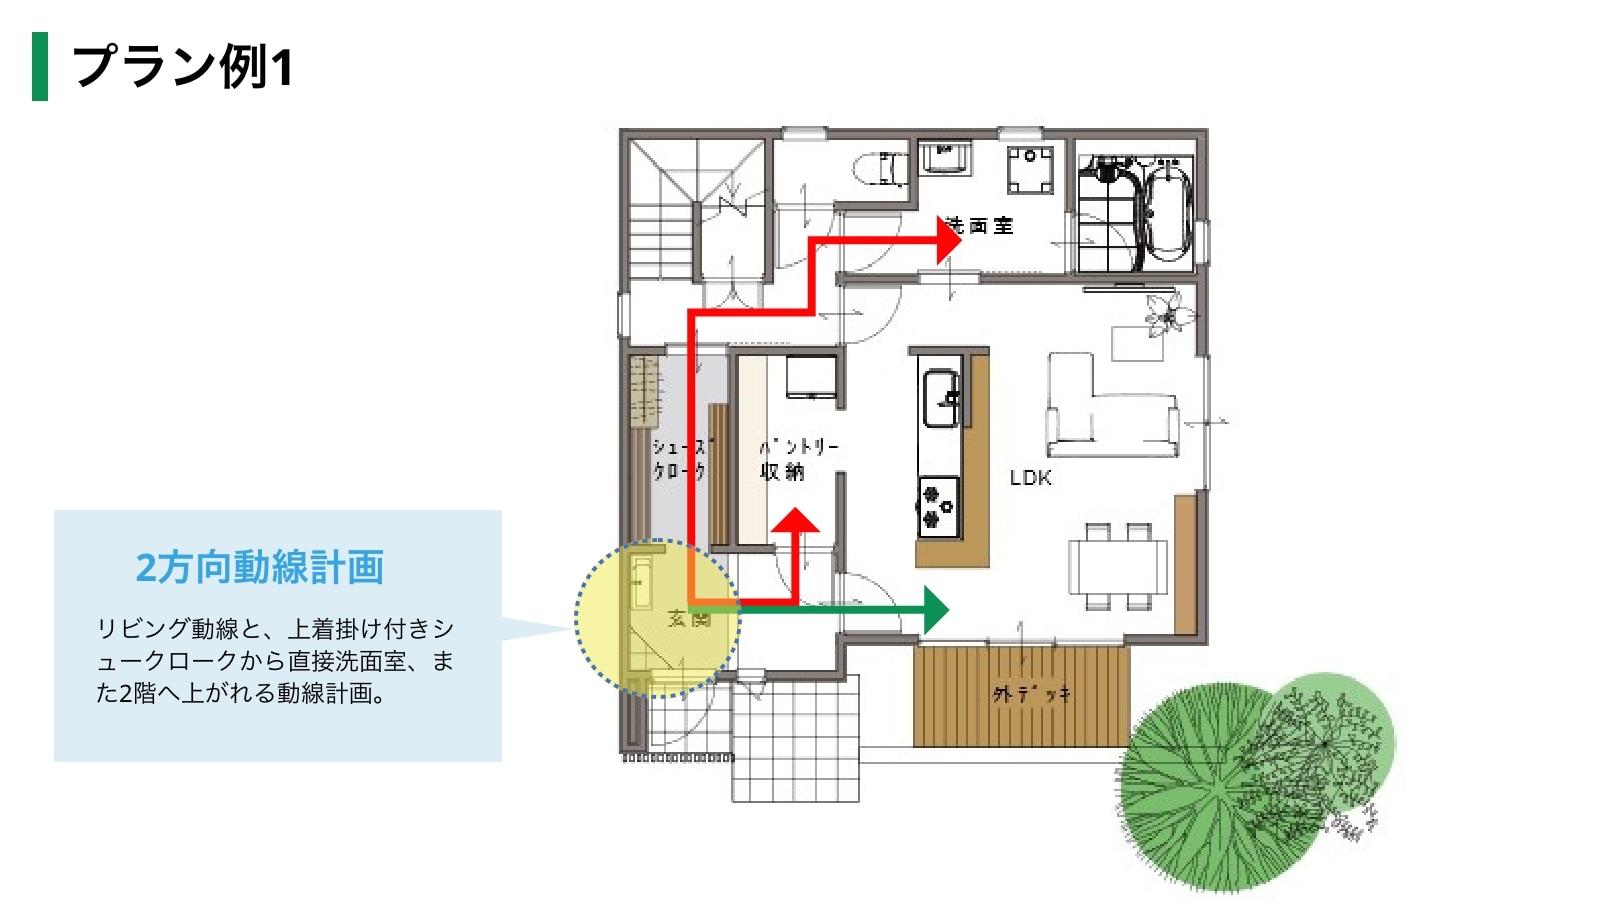 プラン例01,リビング動線と、上着掛け付きシュークロークから直接洗面室、また2階へ上がれる動線計画。